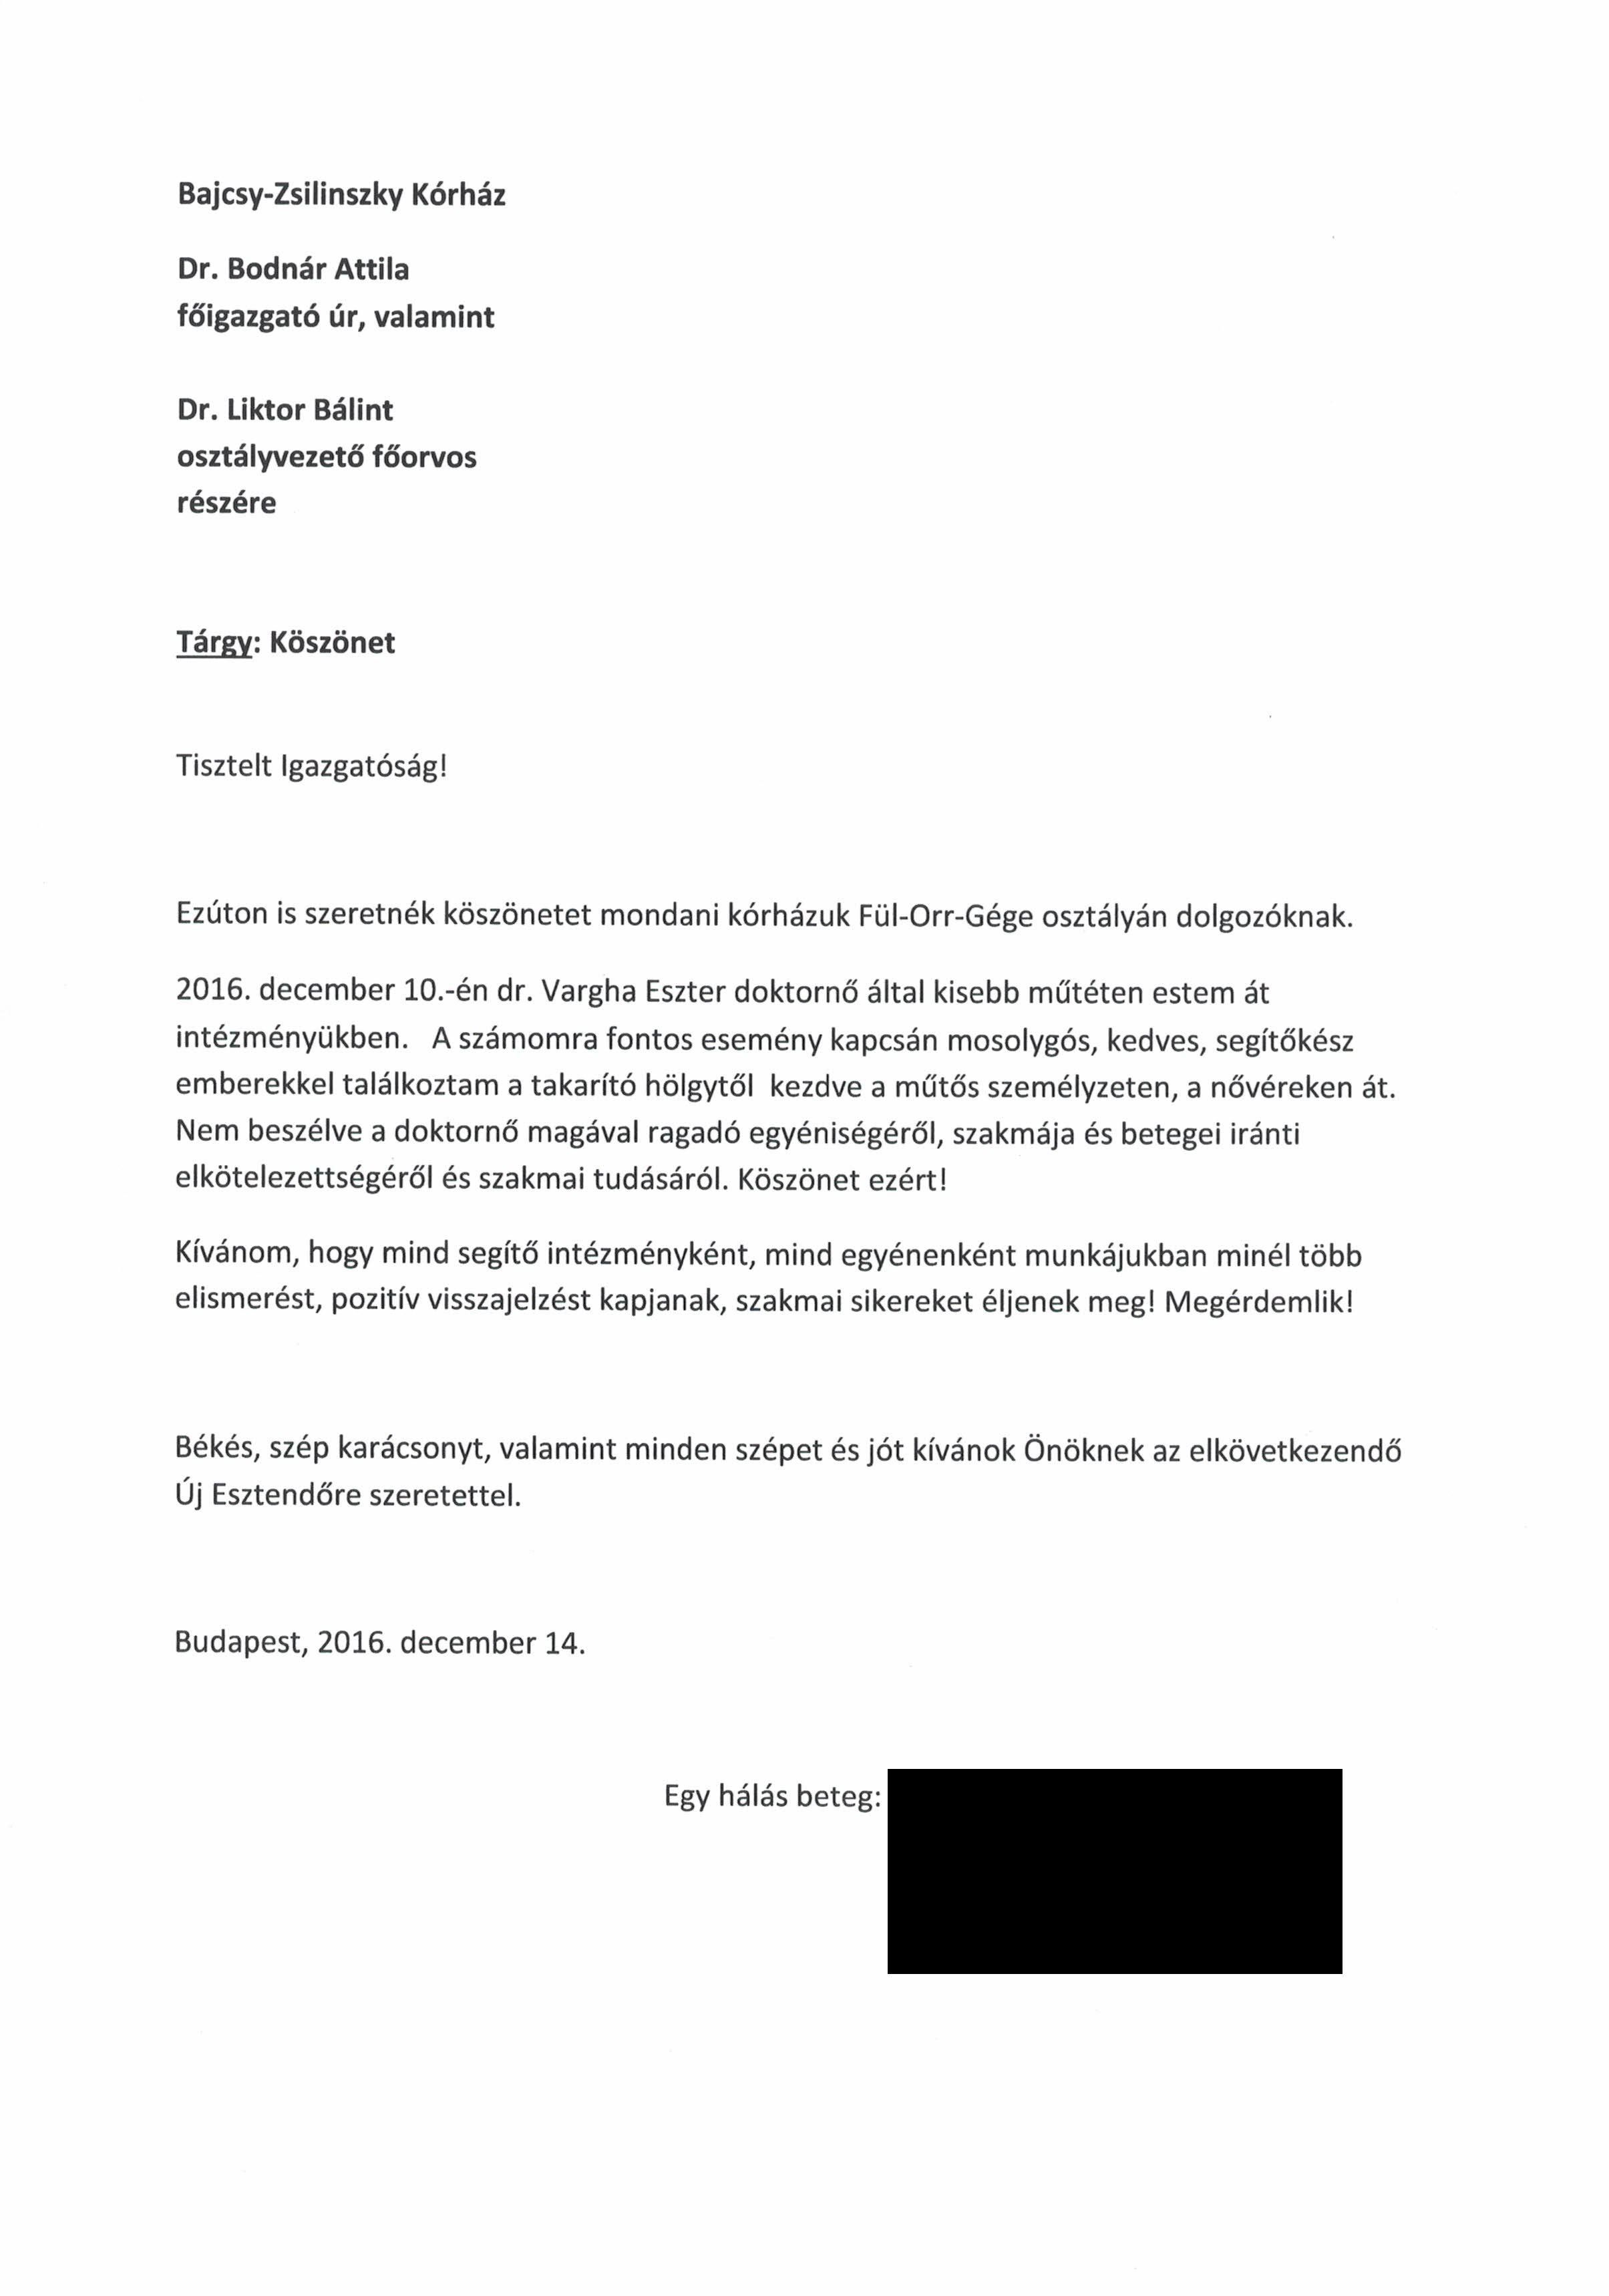 nevtelen-melleklet-00037